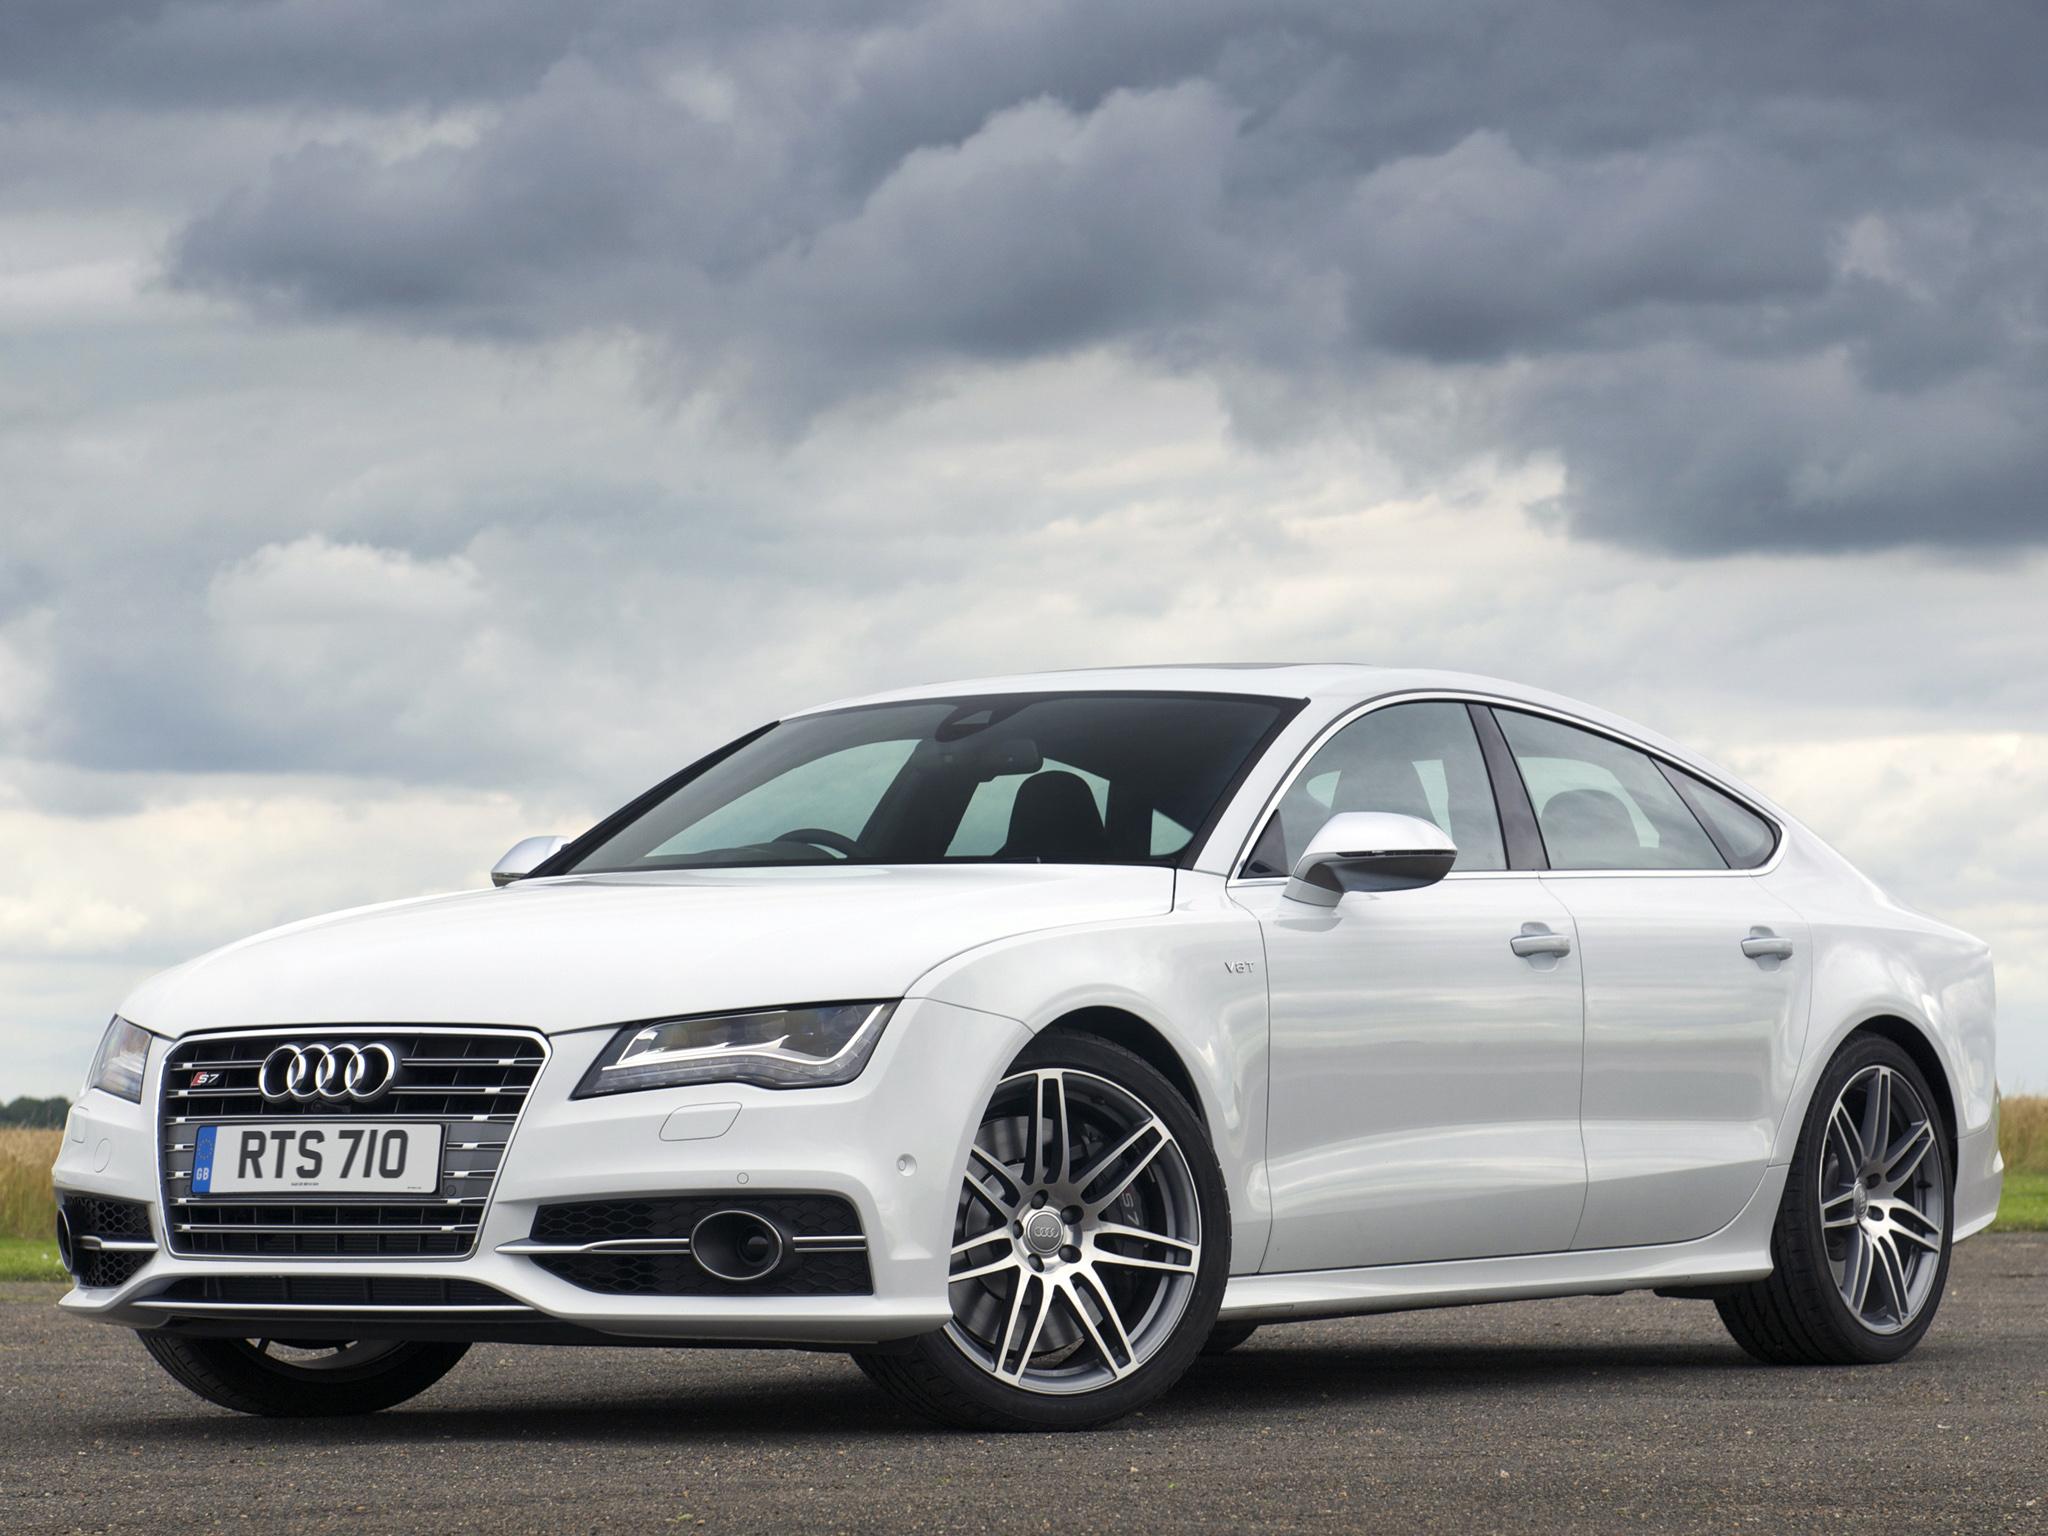 White Audi S7 Wallpaper   HD 2048x1536